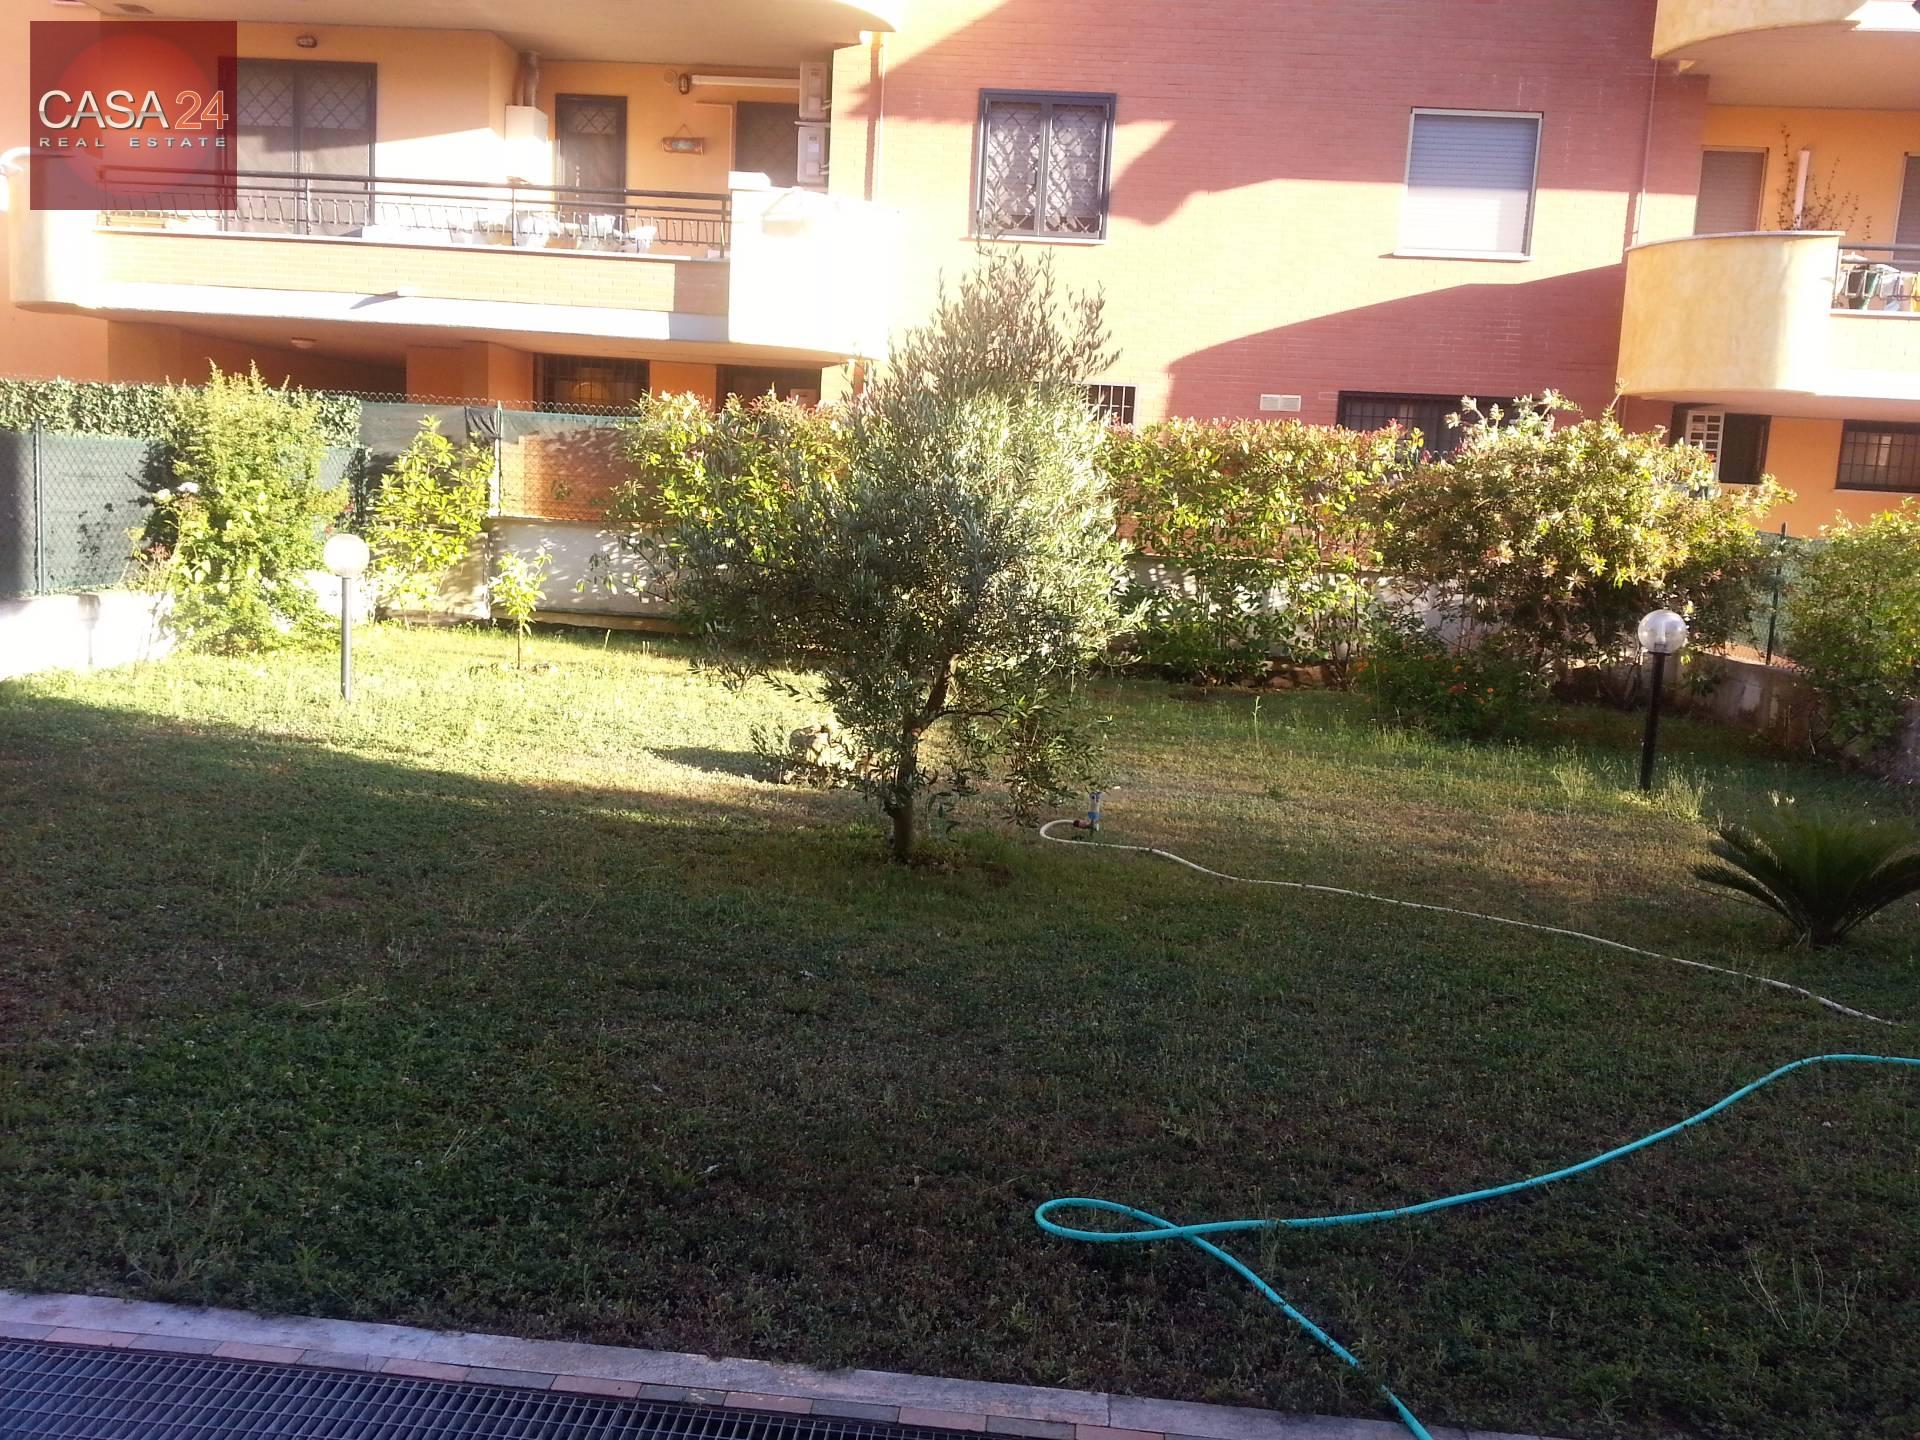 Appartamento in vendita a Latina, 3 locali, zona Località: BorgoBainsizza, prezzo € 119.000   CambioCasa.it